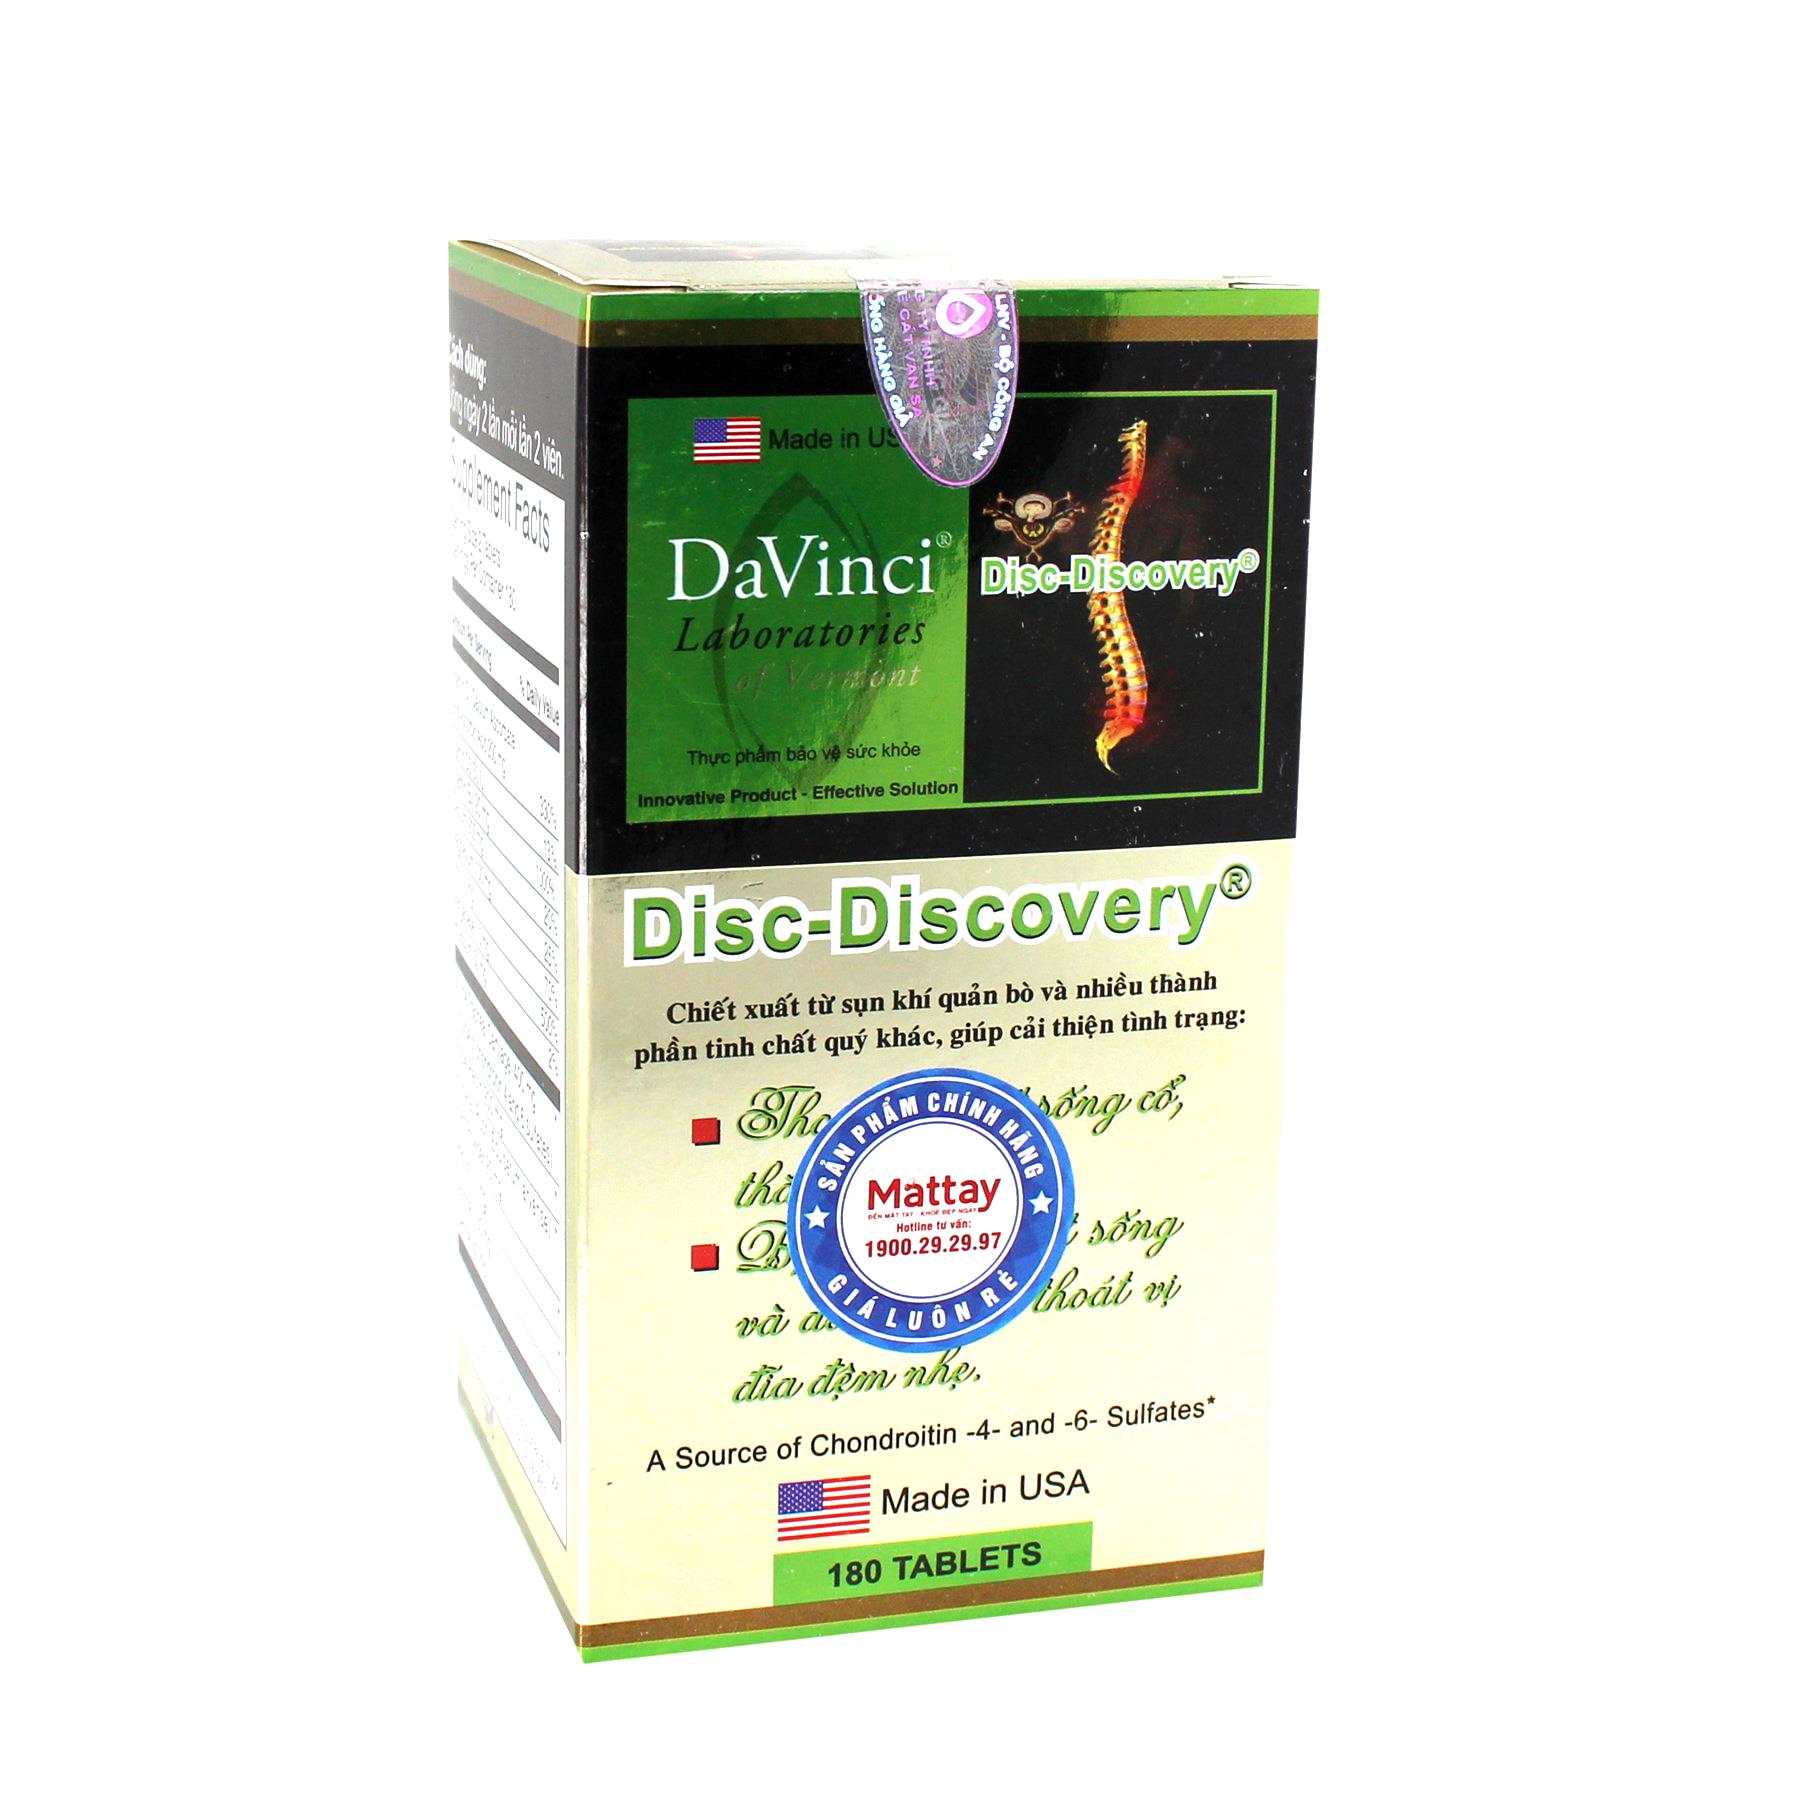 Davinci Viên Uống Disc-Discovery – HỘP 180 VIÊN – Hỗ Trợ Xương Khớp Điều Trị Thoát Vị Đĩa Đệm